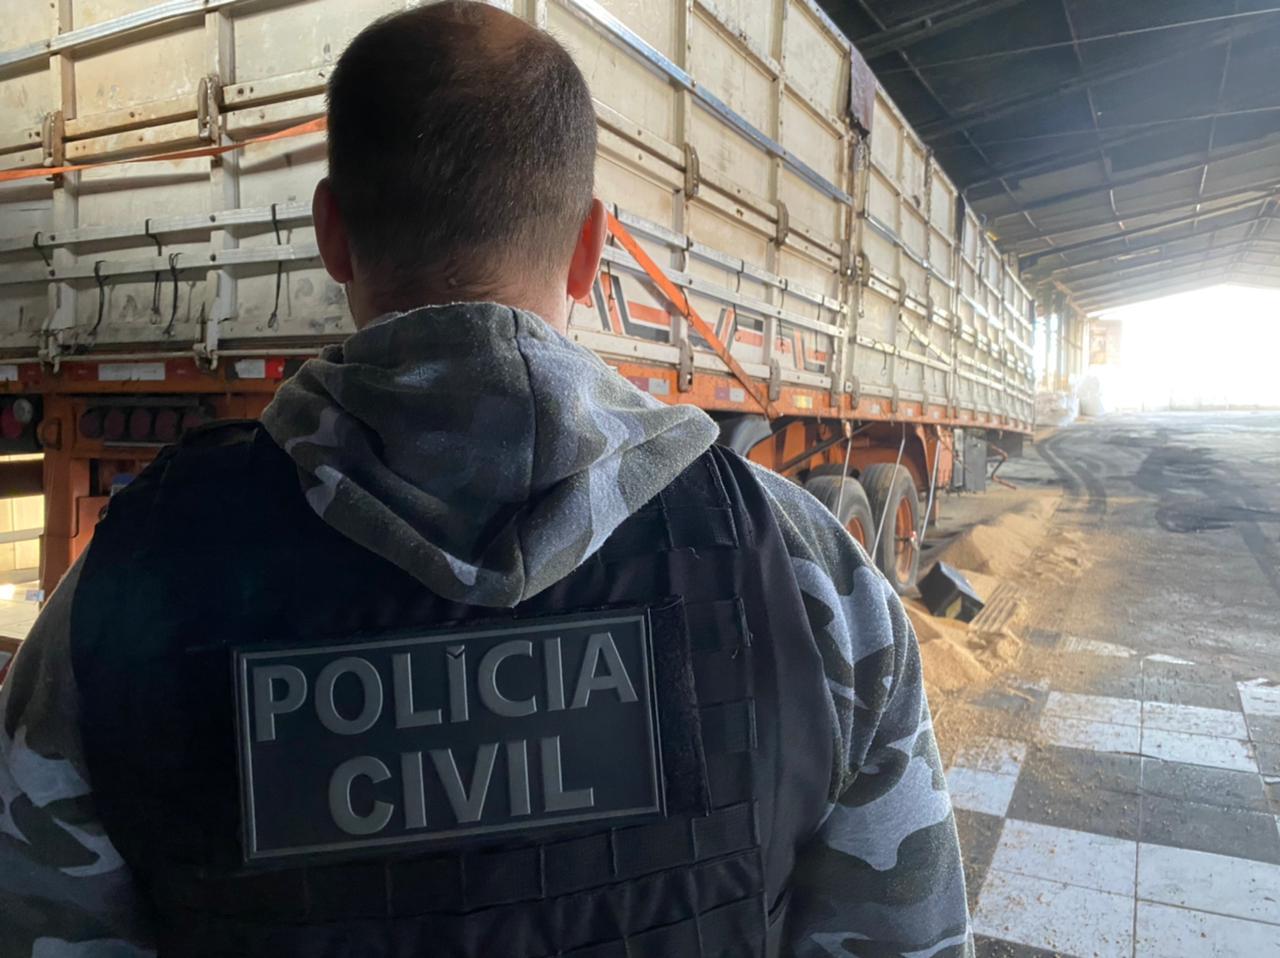 Polícia Civil estoura barracão utilizado para transbordo de cargas e caminhões roubados